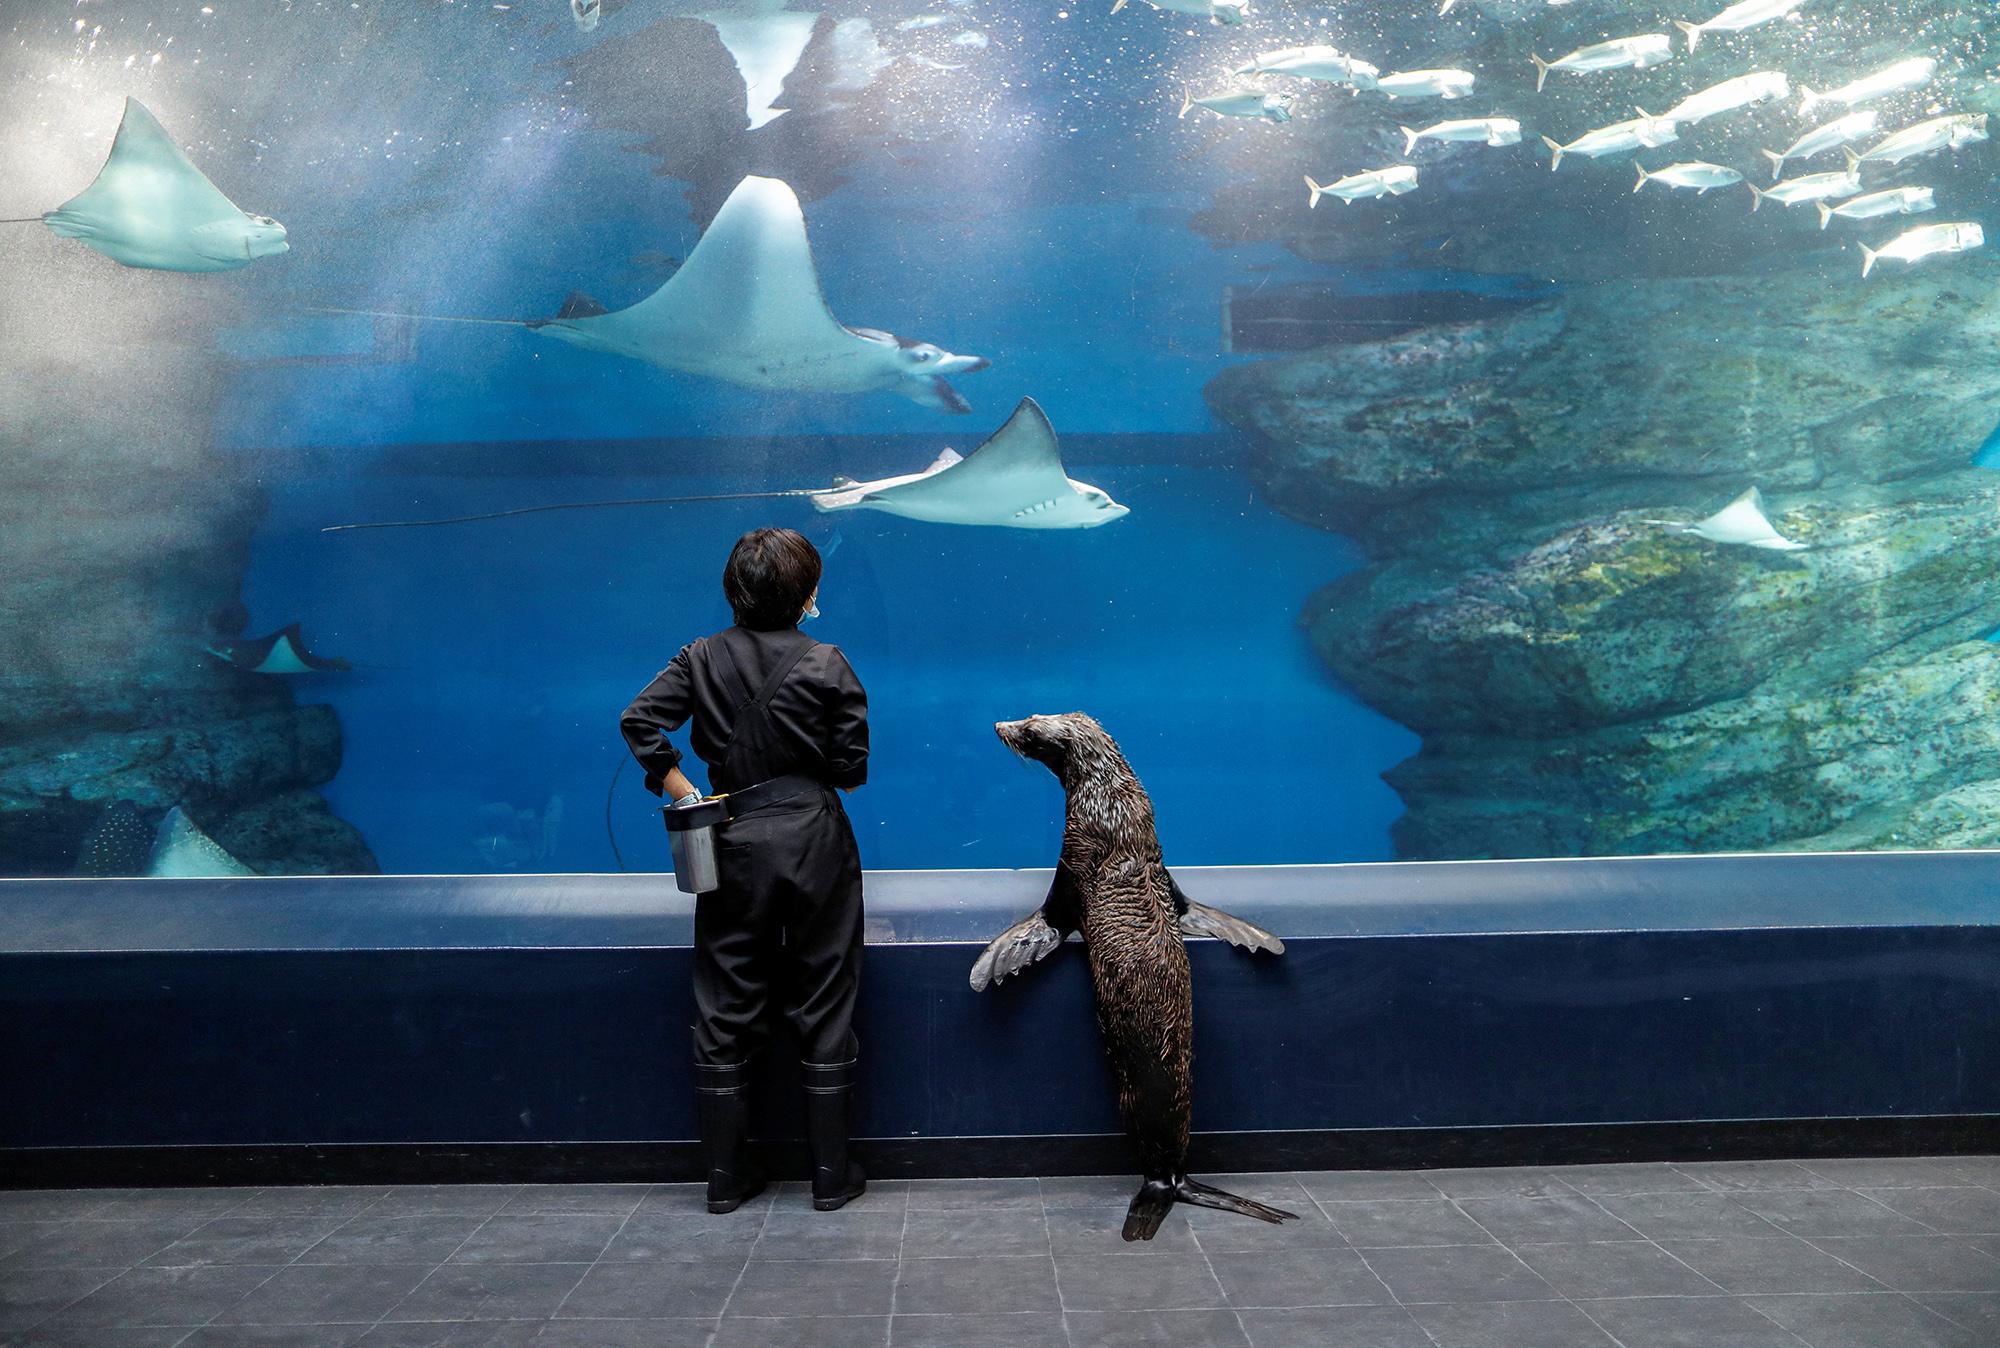 Тюлениха Шакитто исмотрительница акварирума прогуливаются поопустевшему аквапарку врайоне Синагава вТокио.